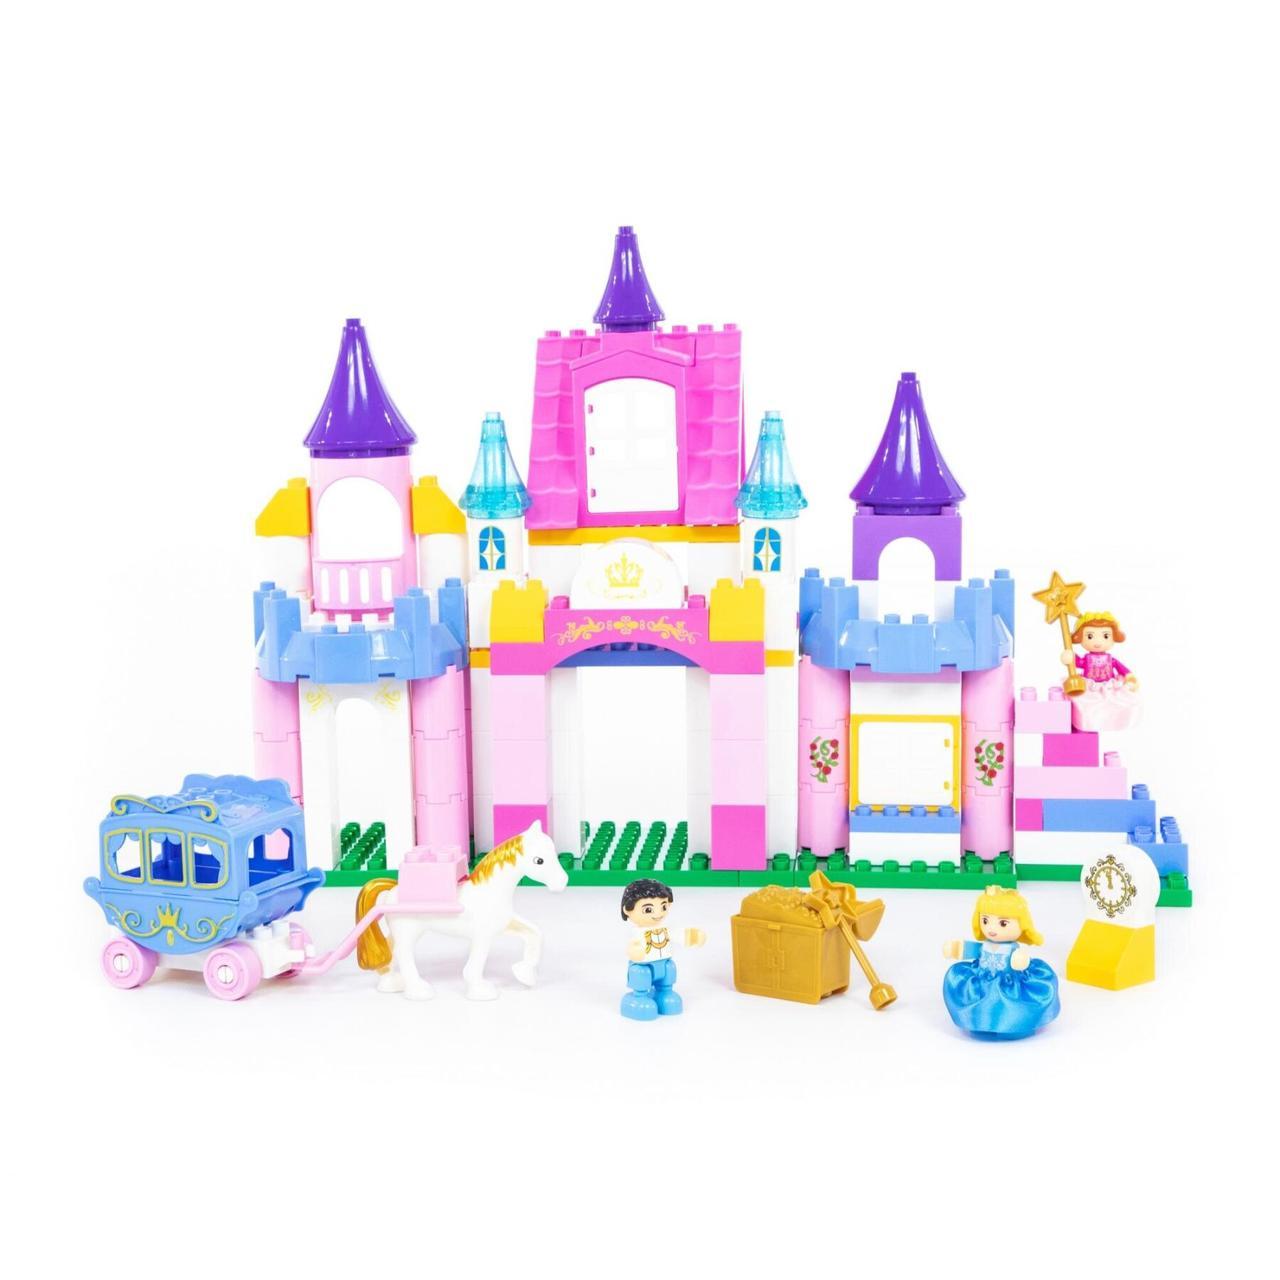 """Конструктор для дівчинки """"Весела принцеса"""" POLESIE """"Максі"""", 146 елементів (77684)"""